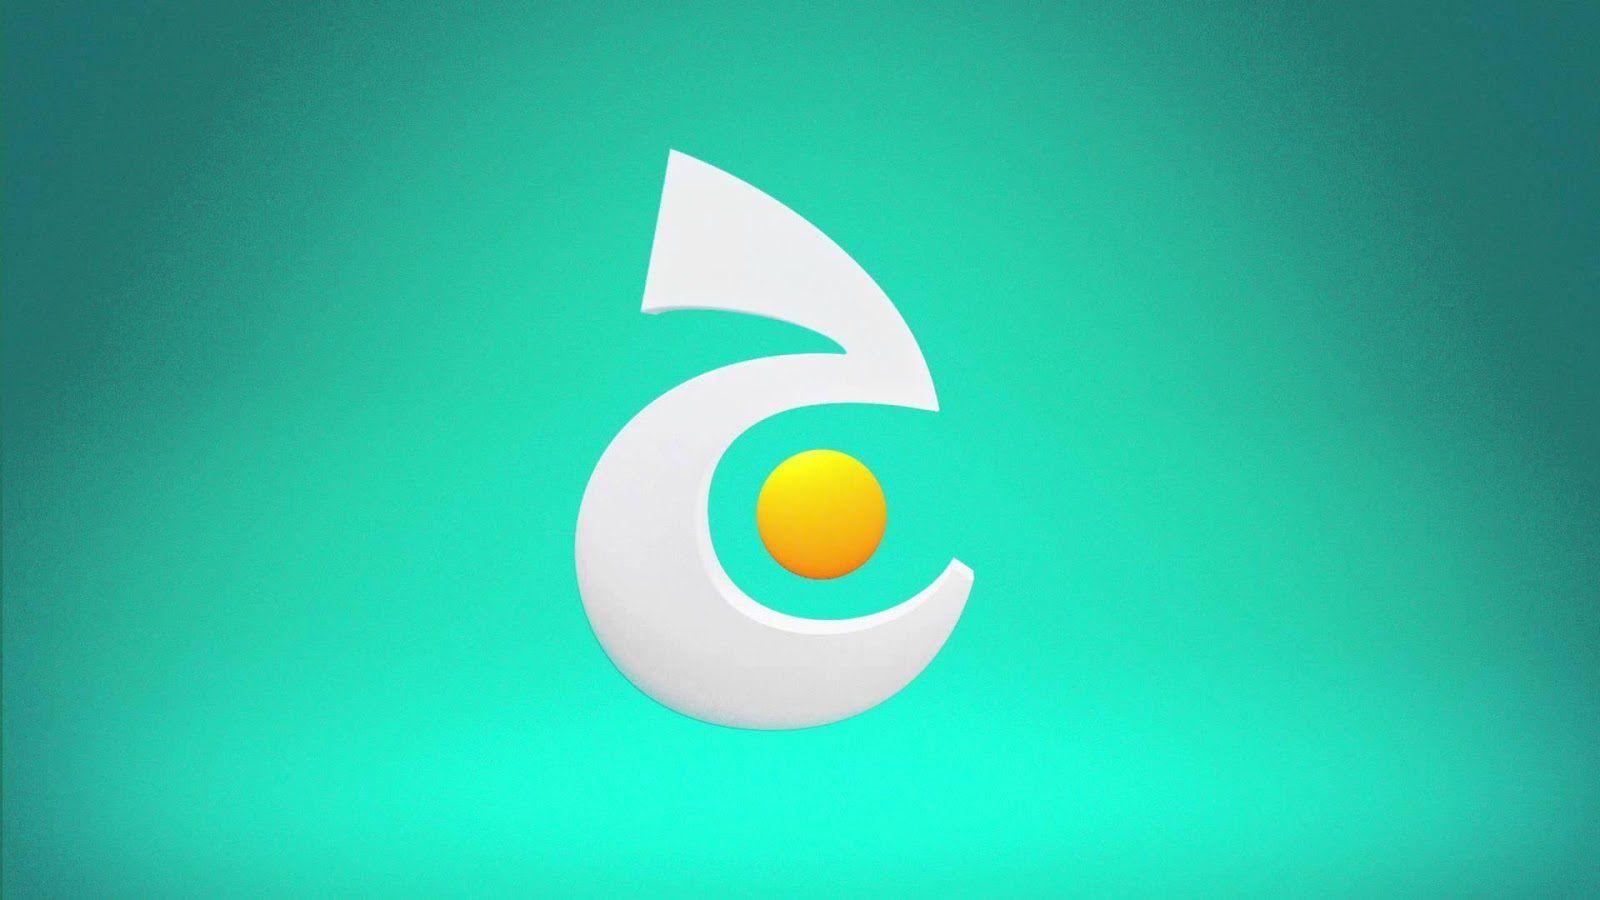 تردد قناة جيم 2020 على سهيل سات Vodafone Logo